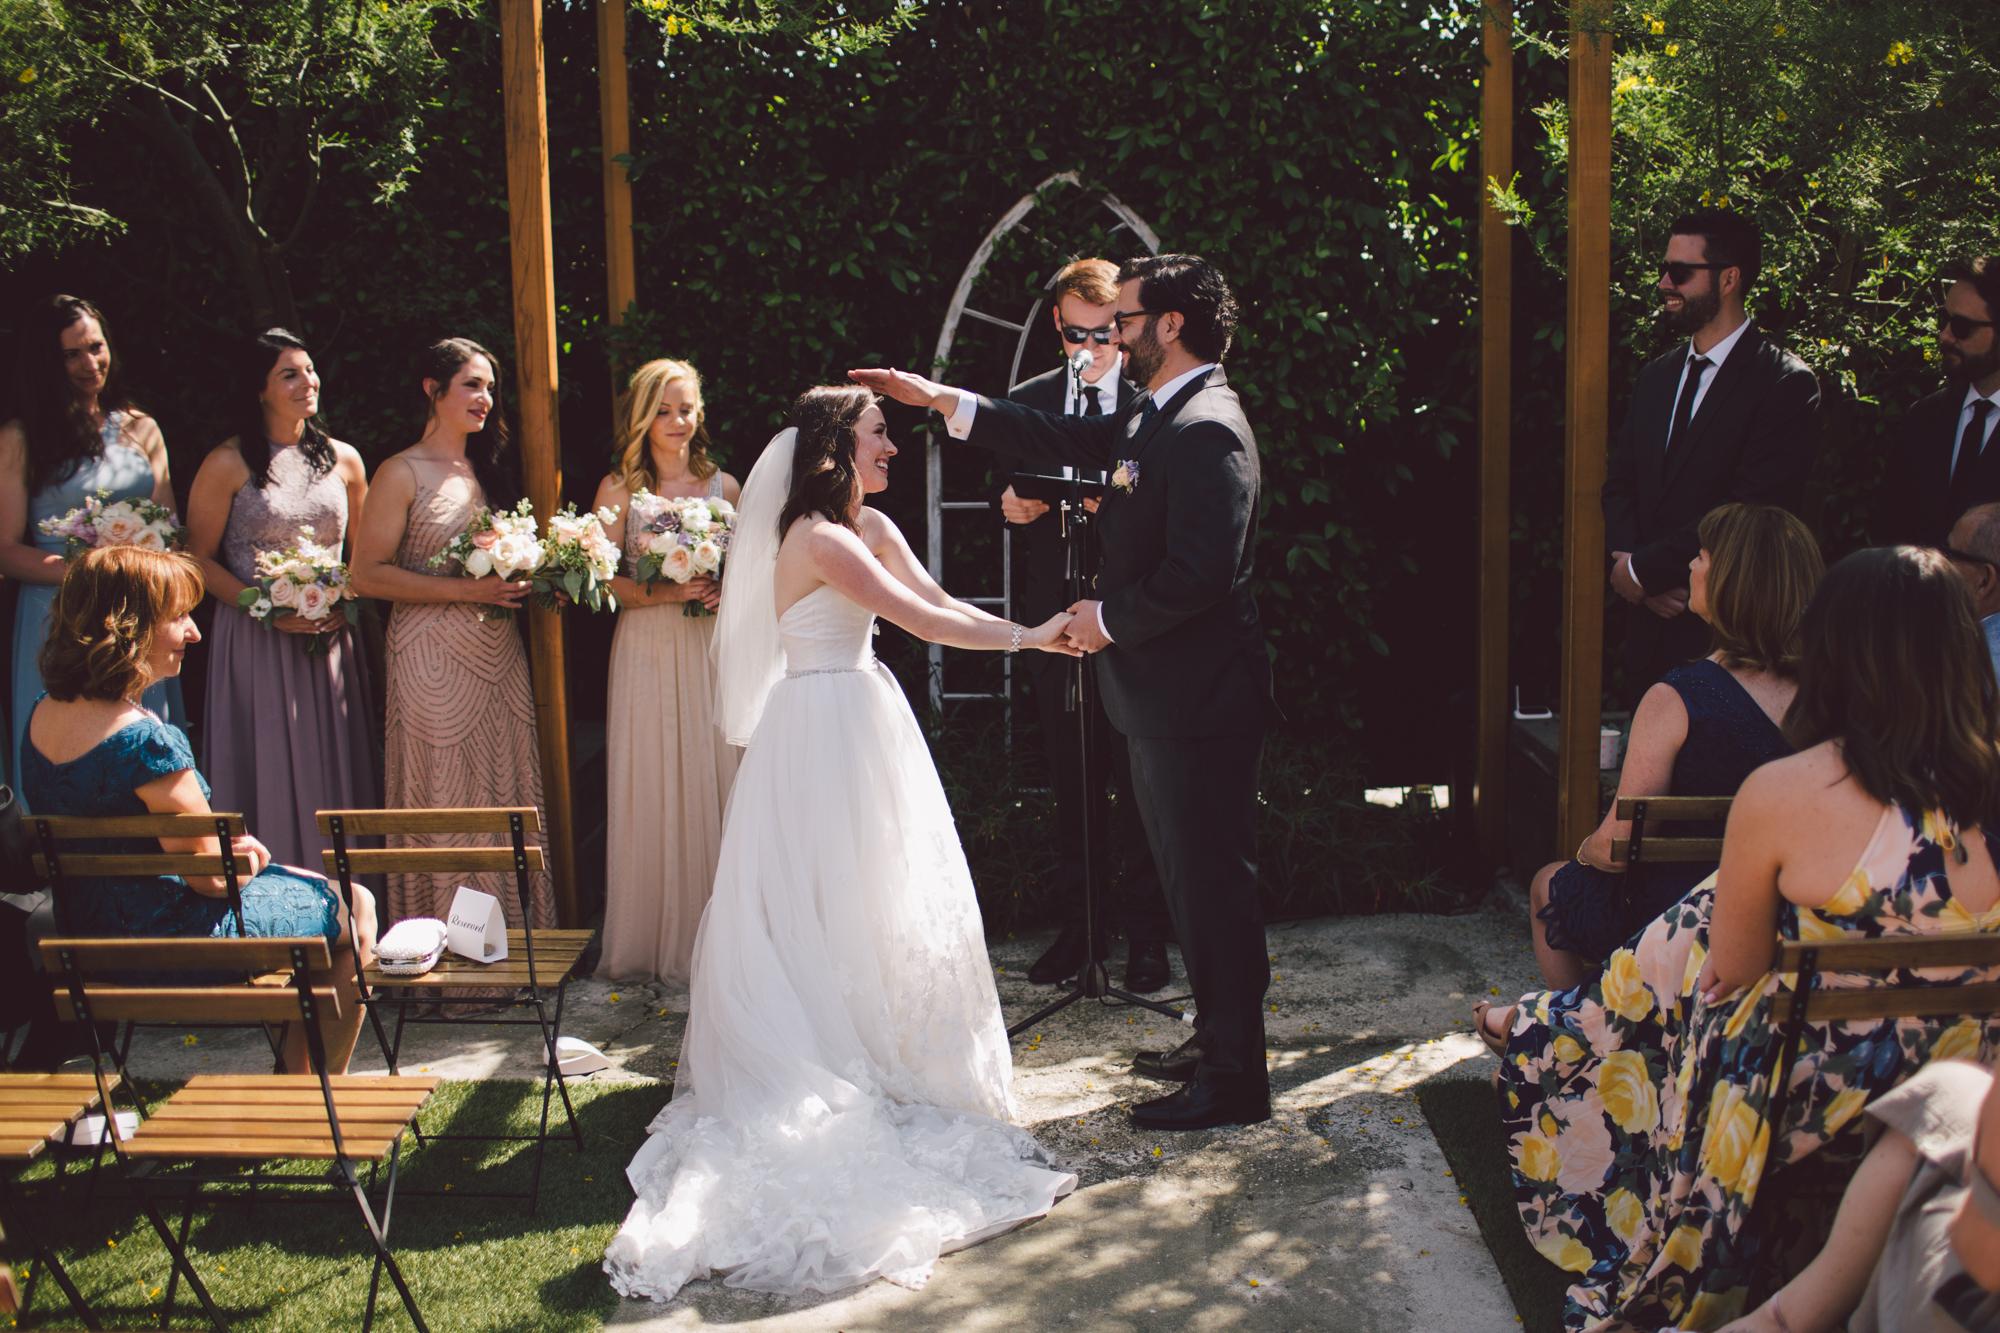 highland park-outdoor ceremony-los angeles-cool wedding venue-vows